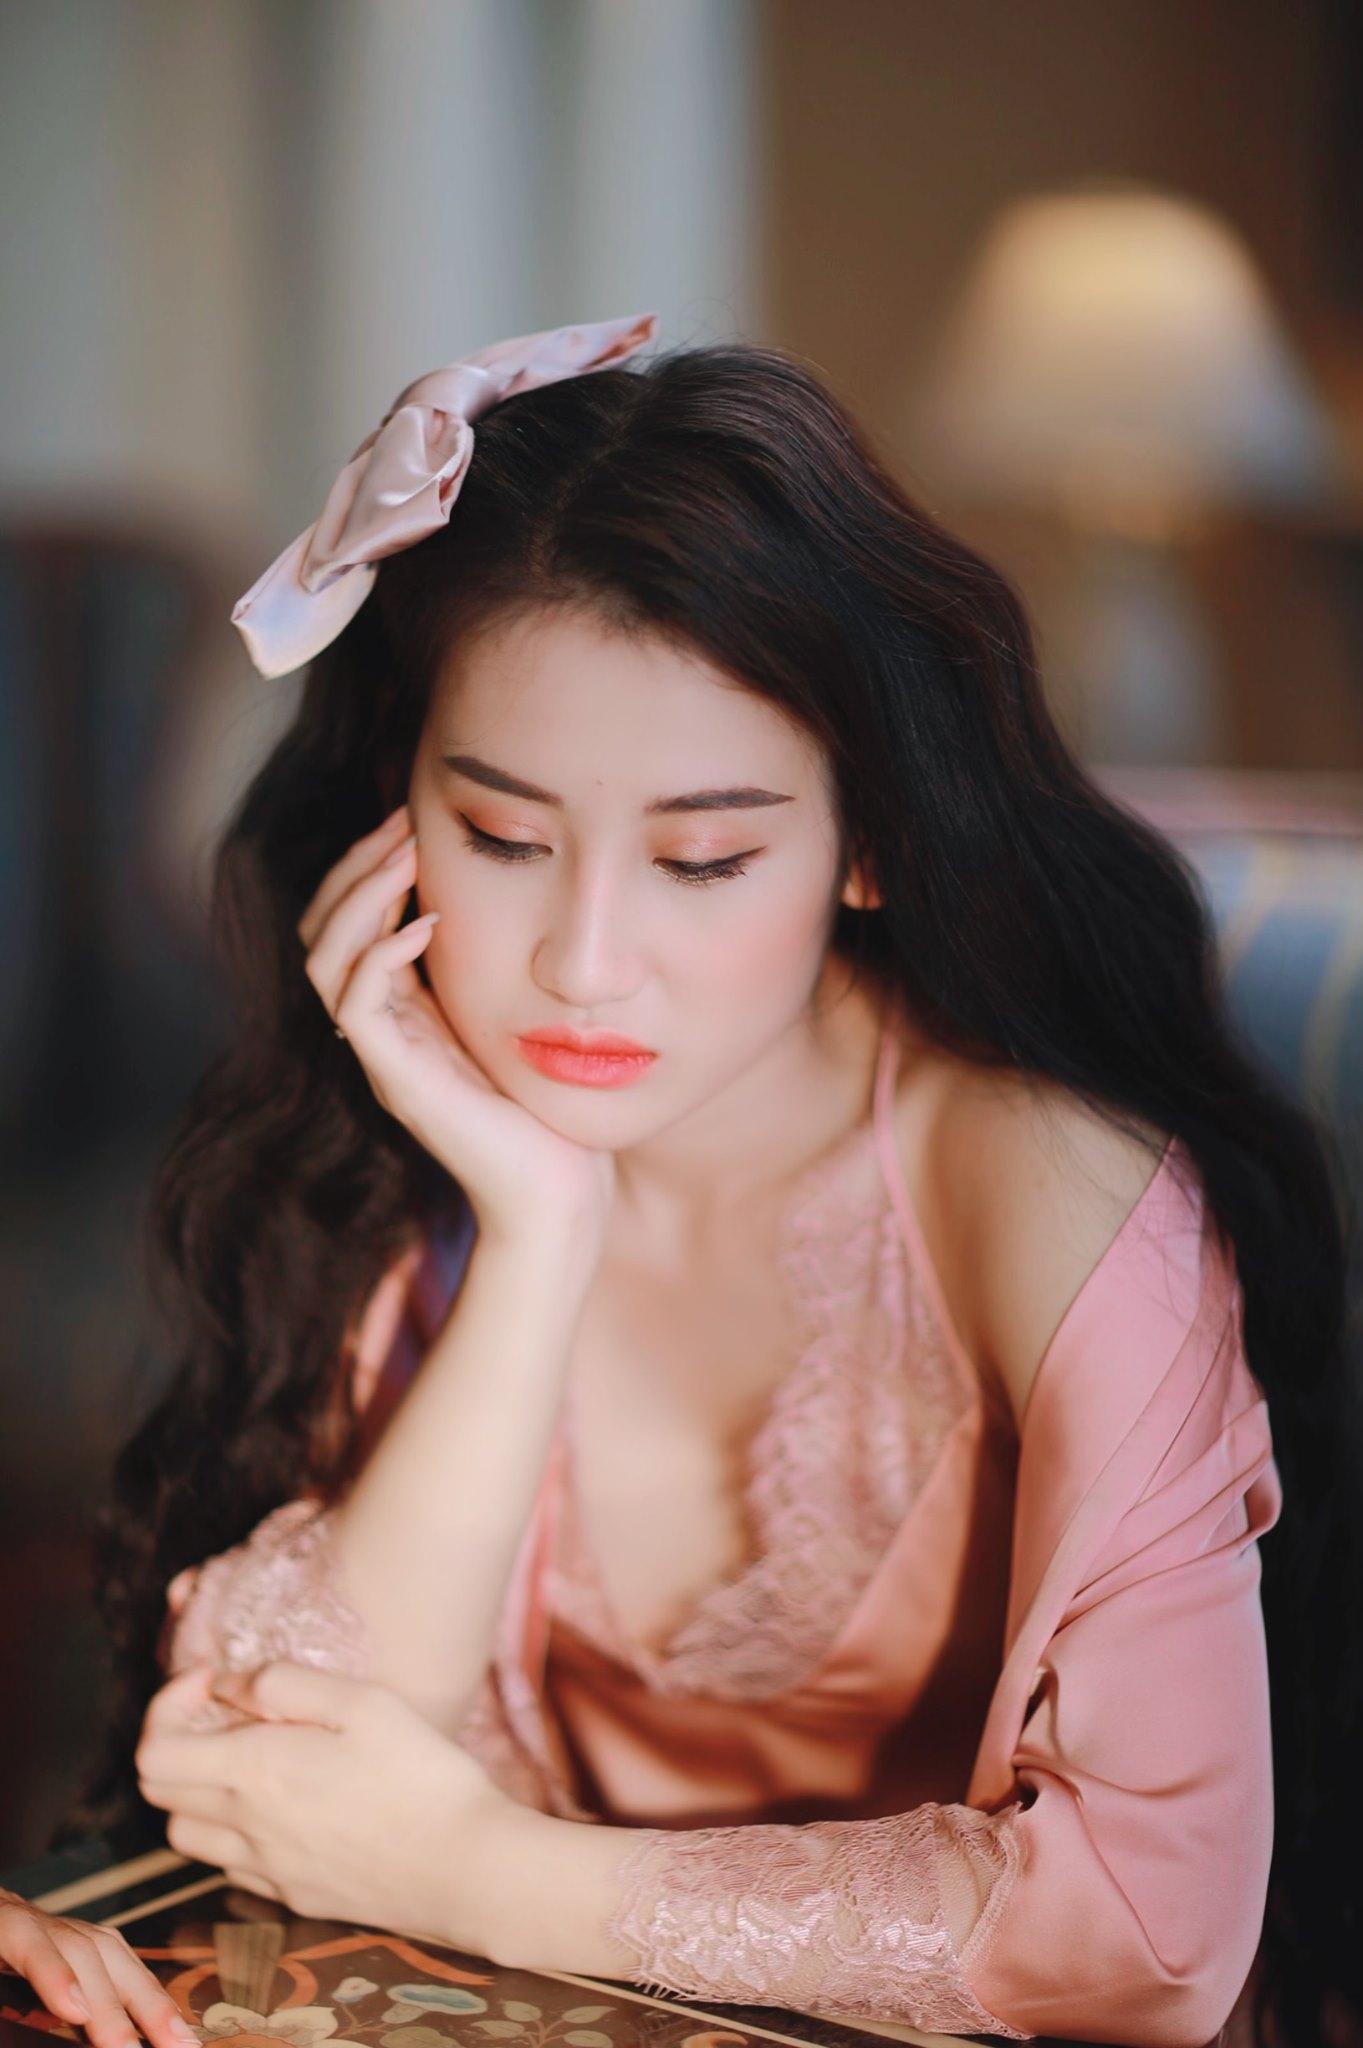 """Nữ quân nhân Việt xinh đẹp như hoa hậu, giữ dáng nhờ """"kỷ luật thép"""" - 12"""